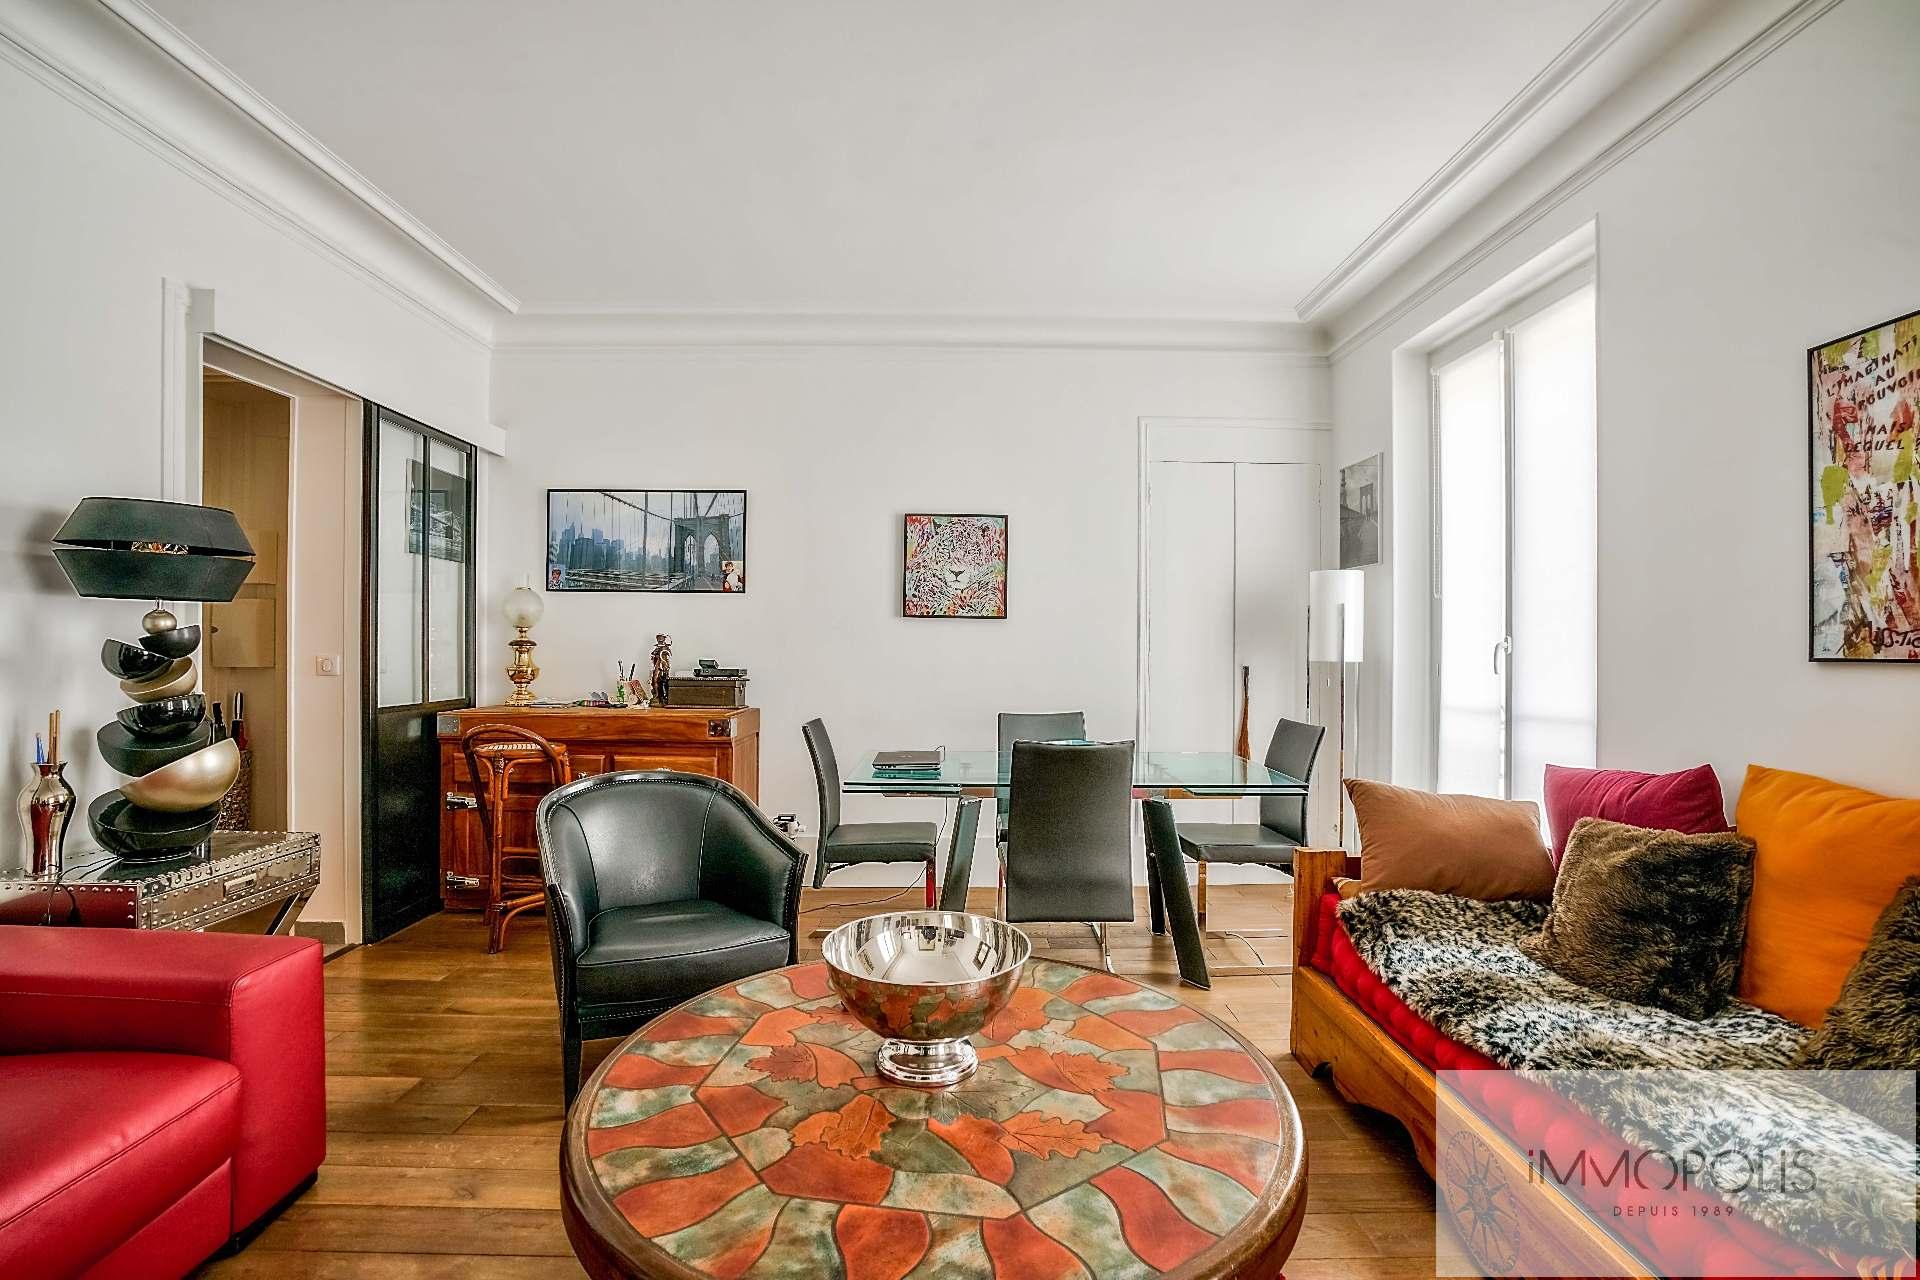 Abbesses, rue Constance : superbe 3 pièces (1 chambre) en 3e étage avec ascenseur : très belles prestations ! 2